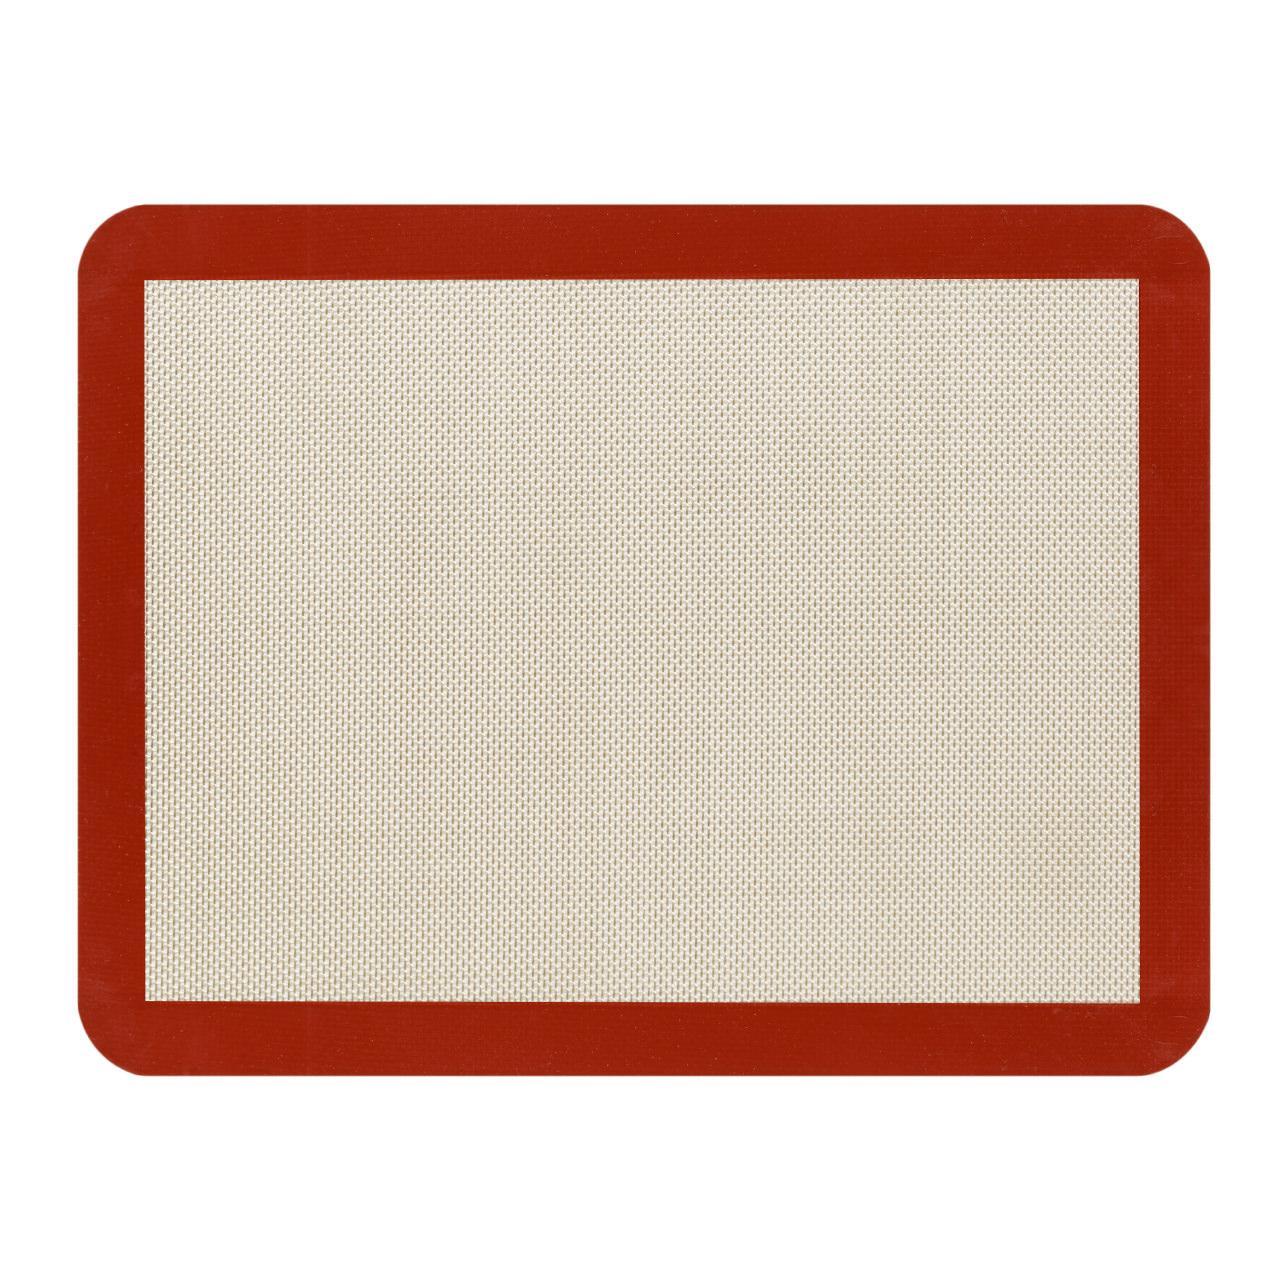 Силиконовый коврик 24х27 см для выпечки